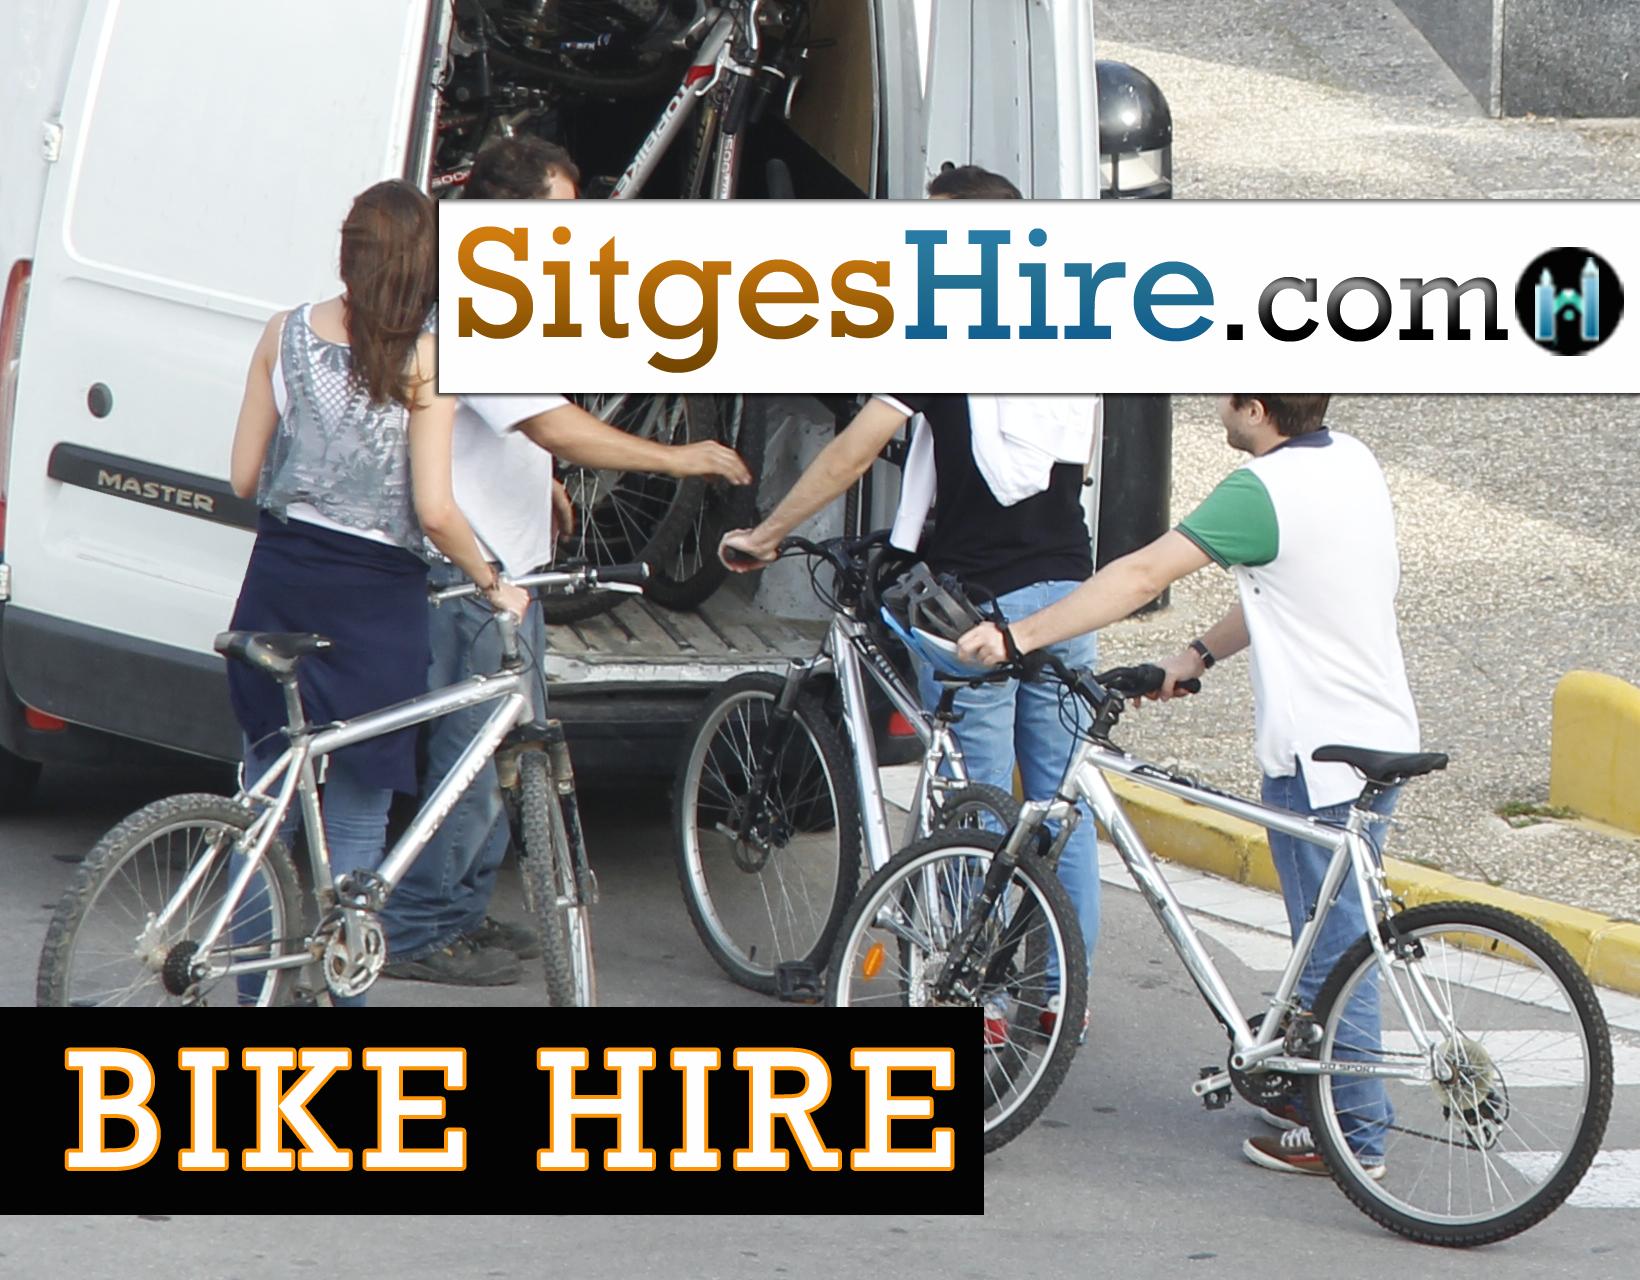 Sitges-Bike-Hire-rentals